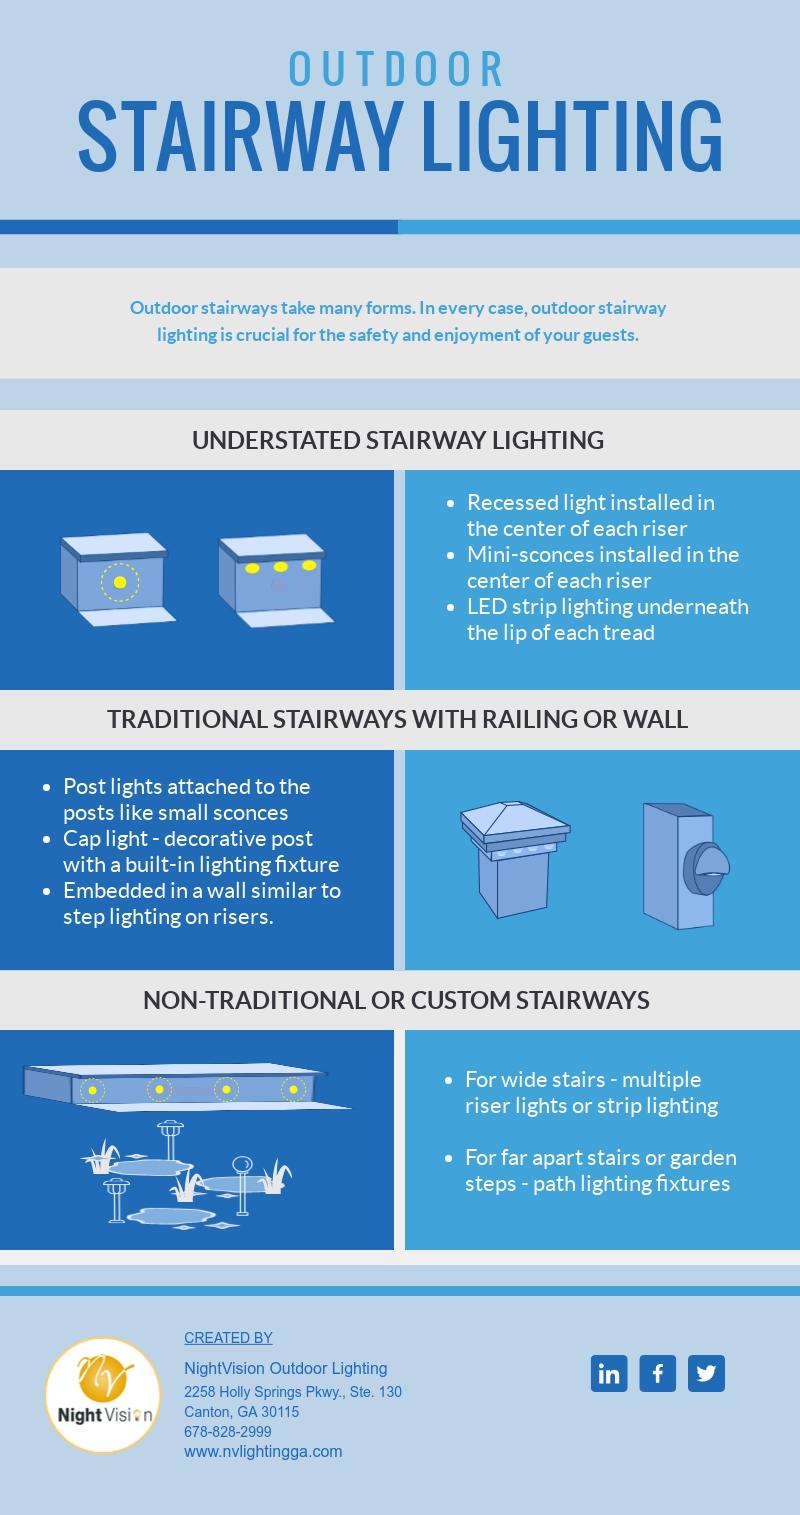 Outdoor Stairway Lighting [infographic]